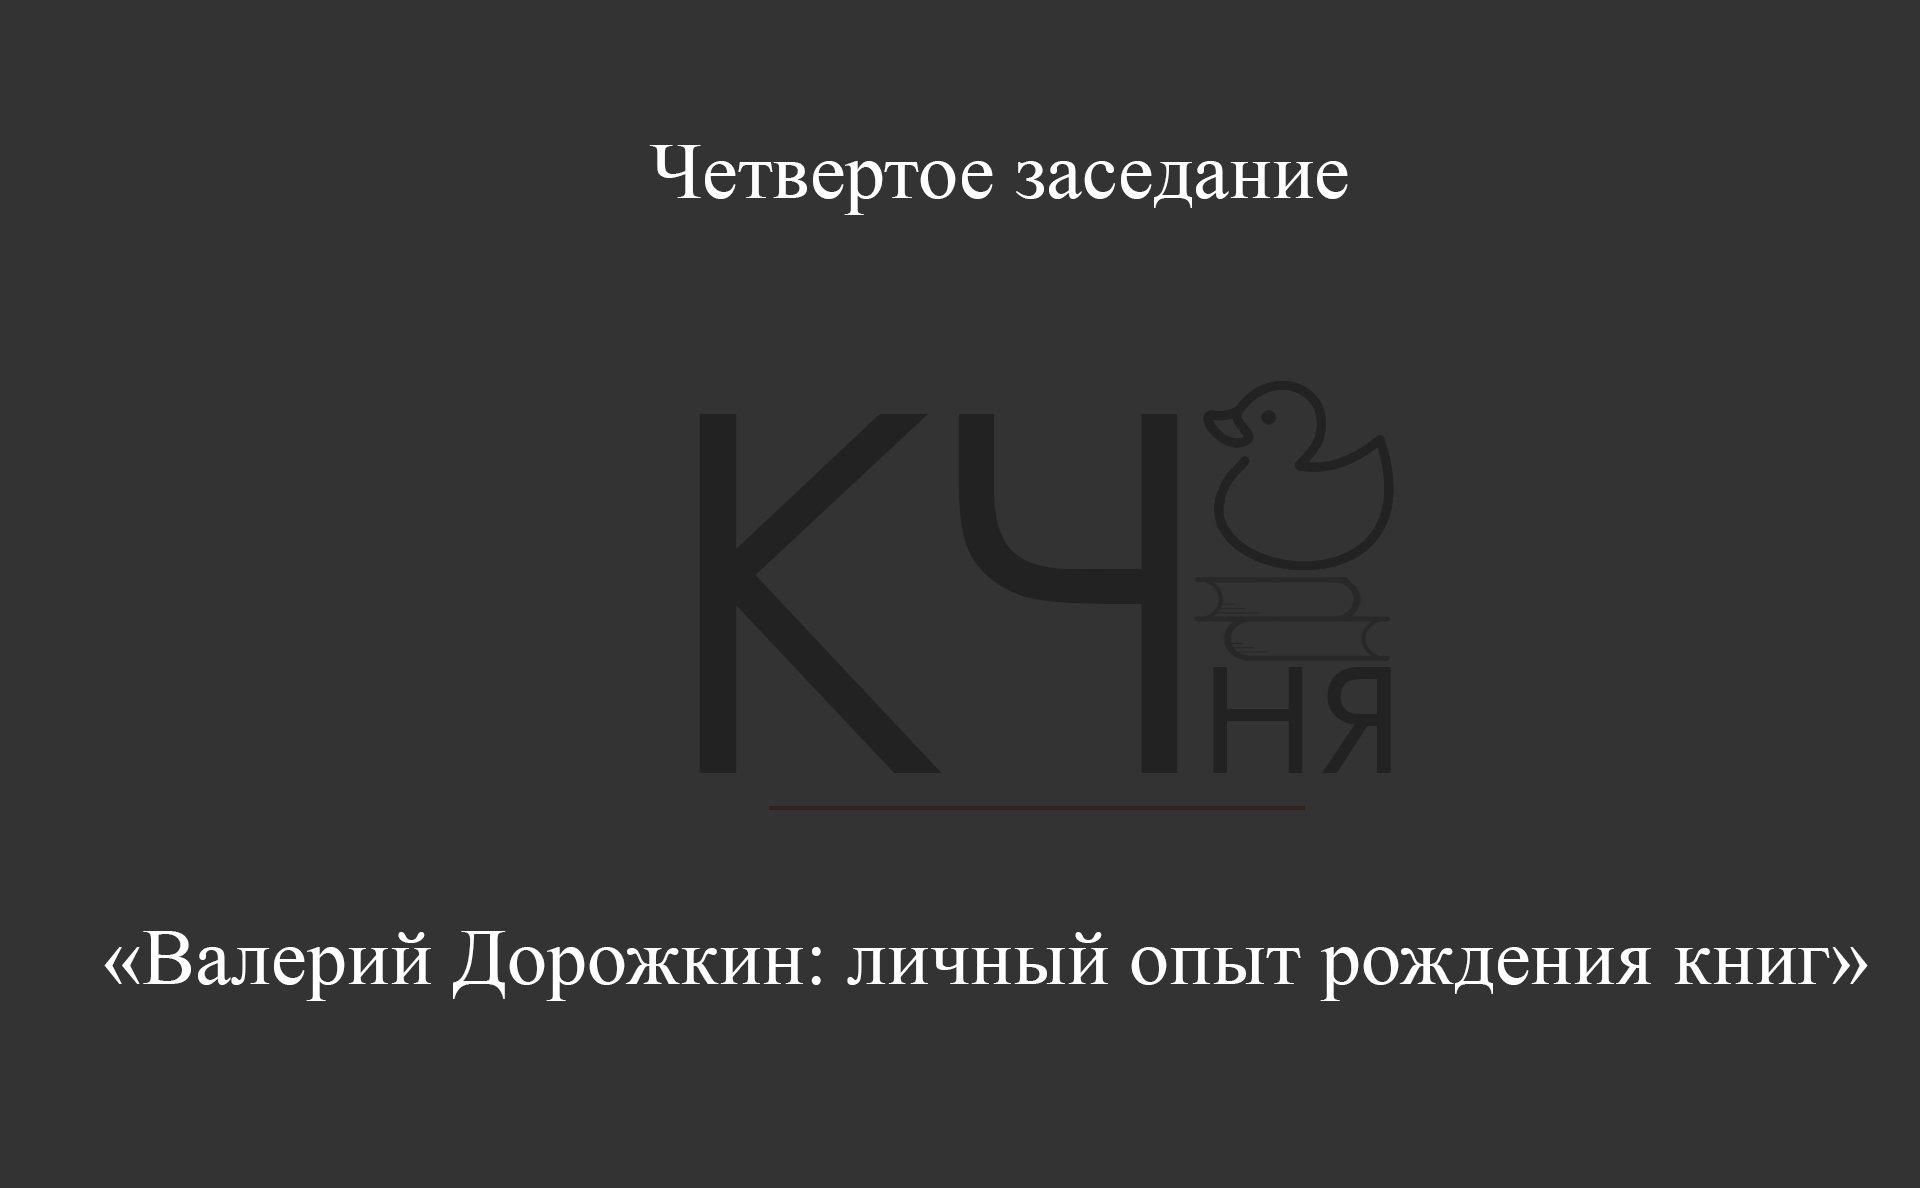 Валерий Дорожкин: личный опыт рождения книгQ